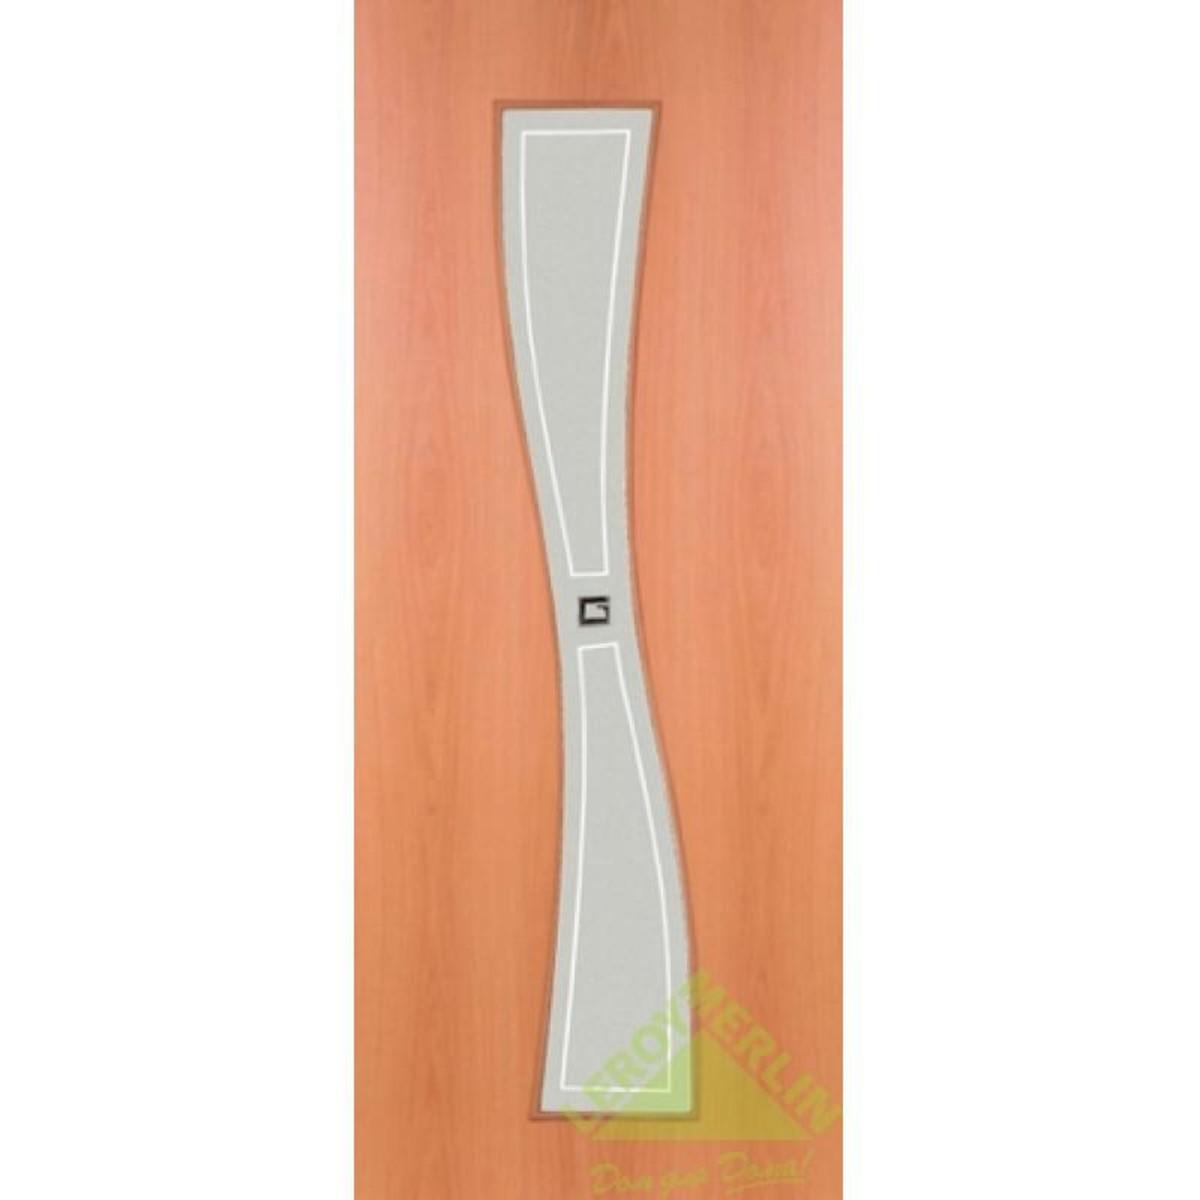 Дверь межкомнатная остеклённая Сезия 600x2000 мм ламинация миланский орех